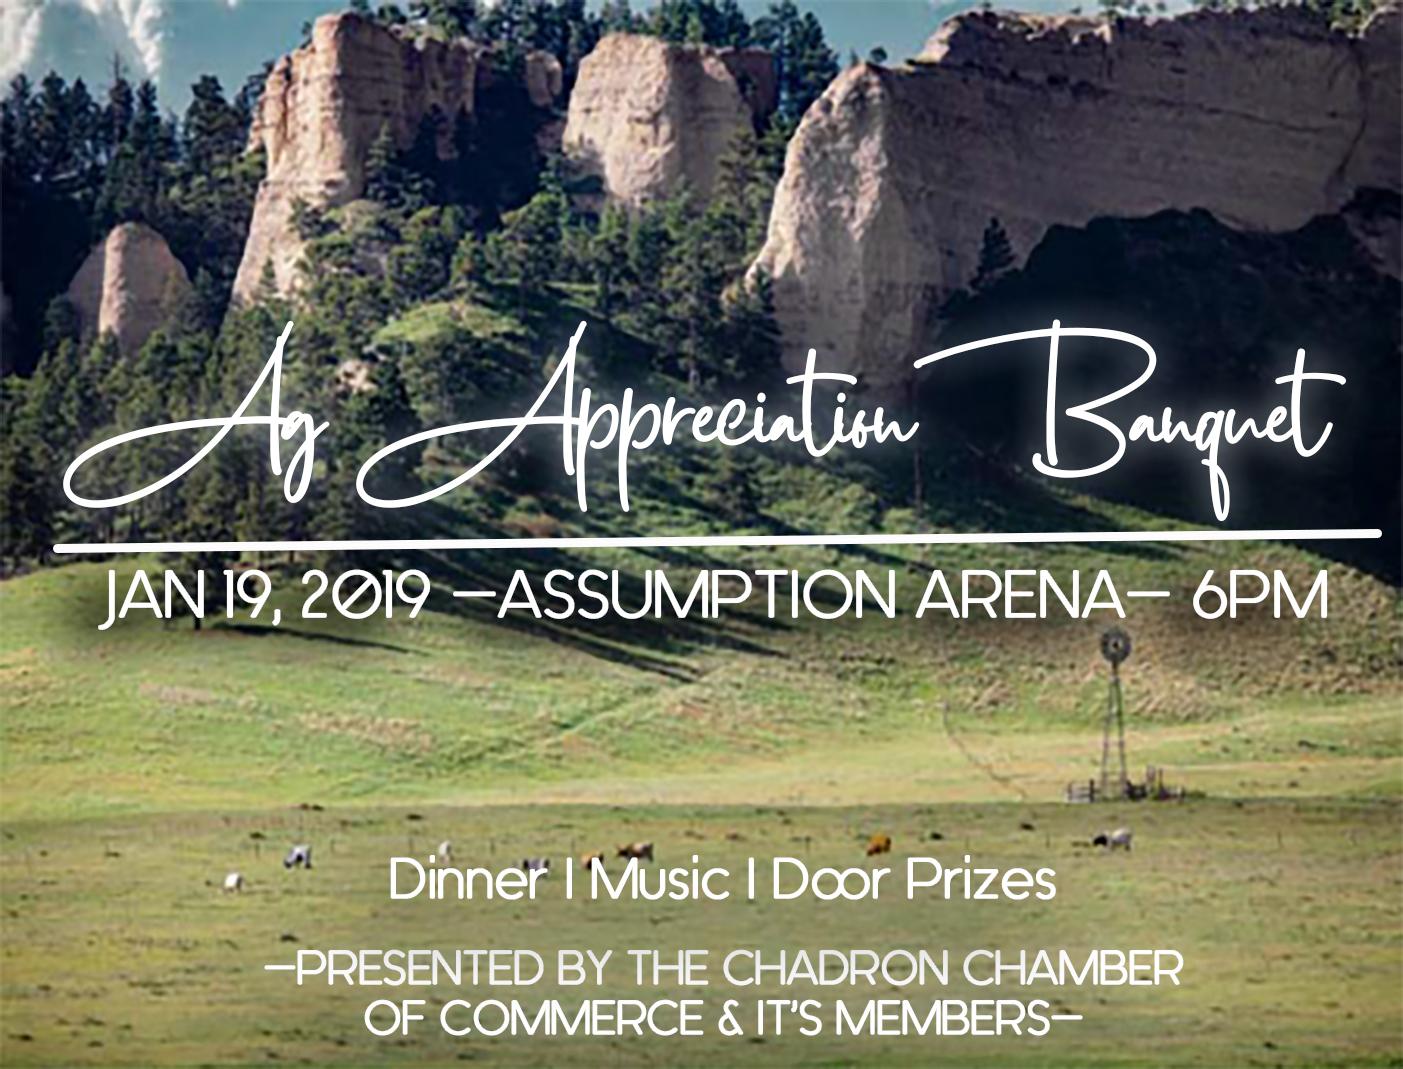 2019 Annual Ag Appreciation Banquet Invitation